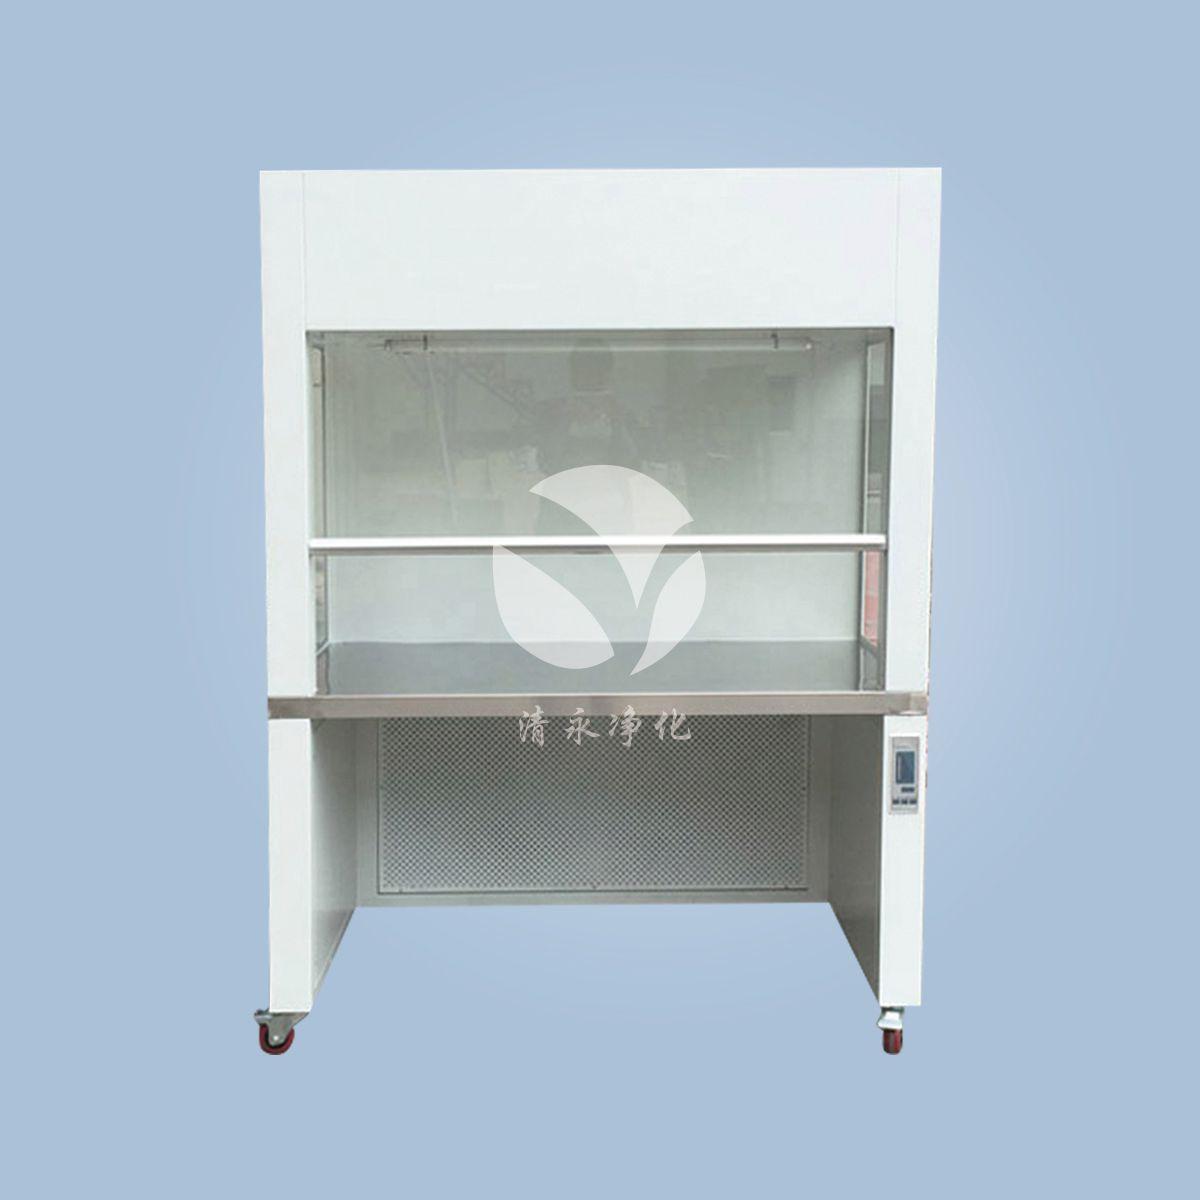 双人垂直流工作台VS1300